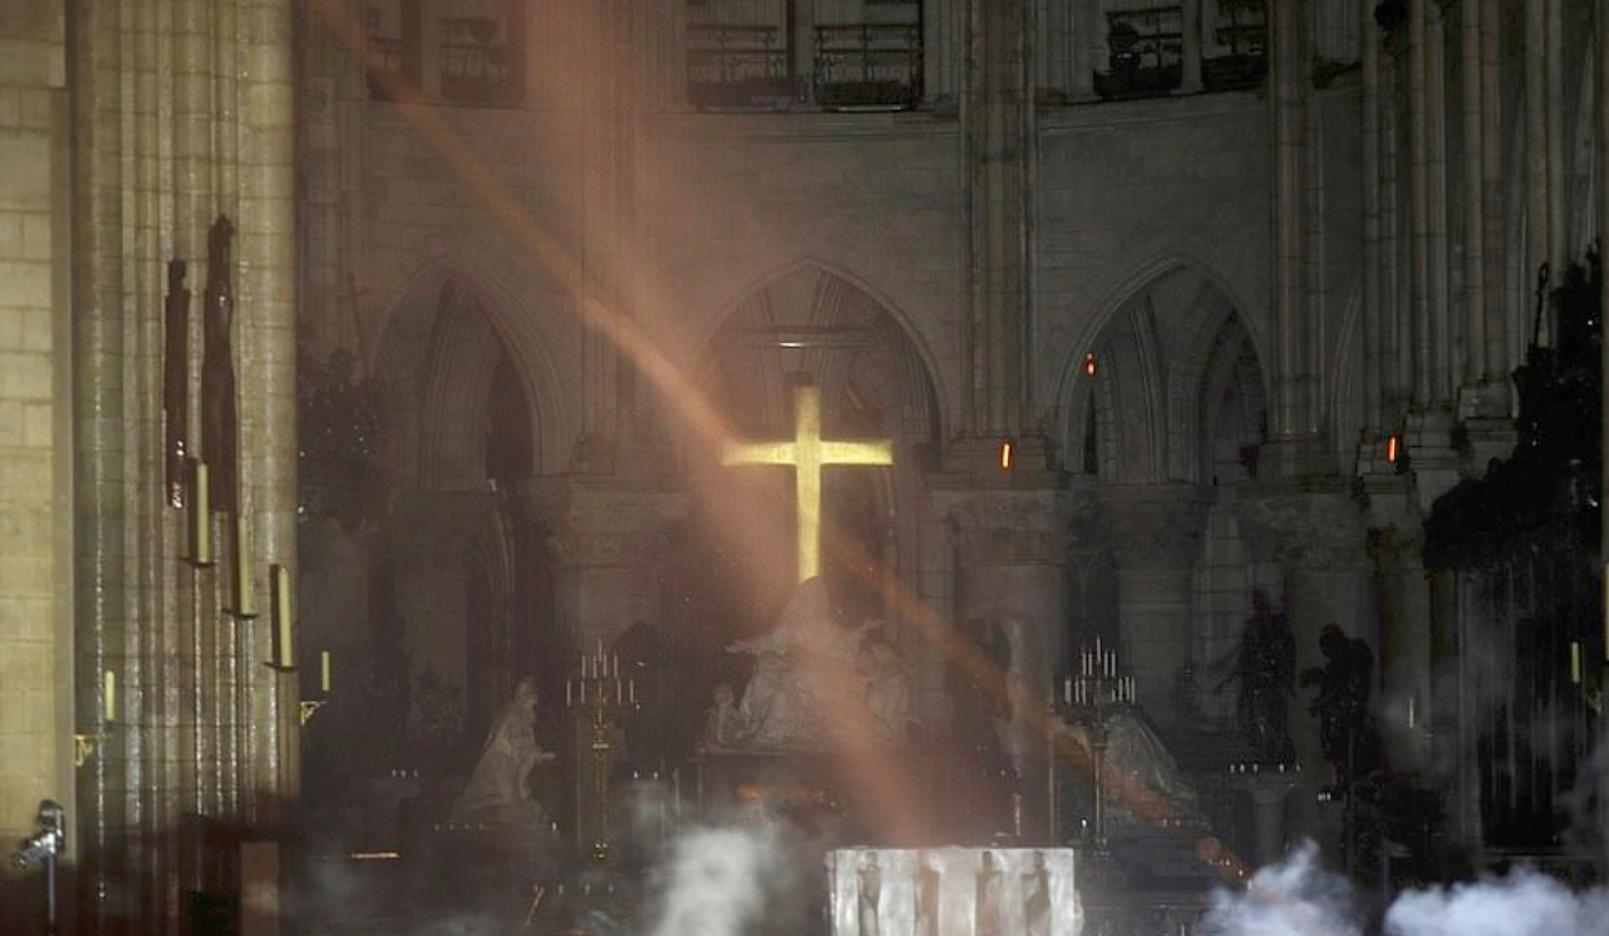 Ο μεγάλος κίτρινος σταυρός φωτισμένος από τις φλόγες μέσα στους πυκνούς καπνούς στο εσωτερικό της Παναγίας των Παρισίων.